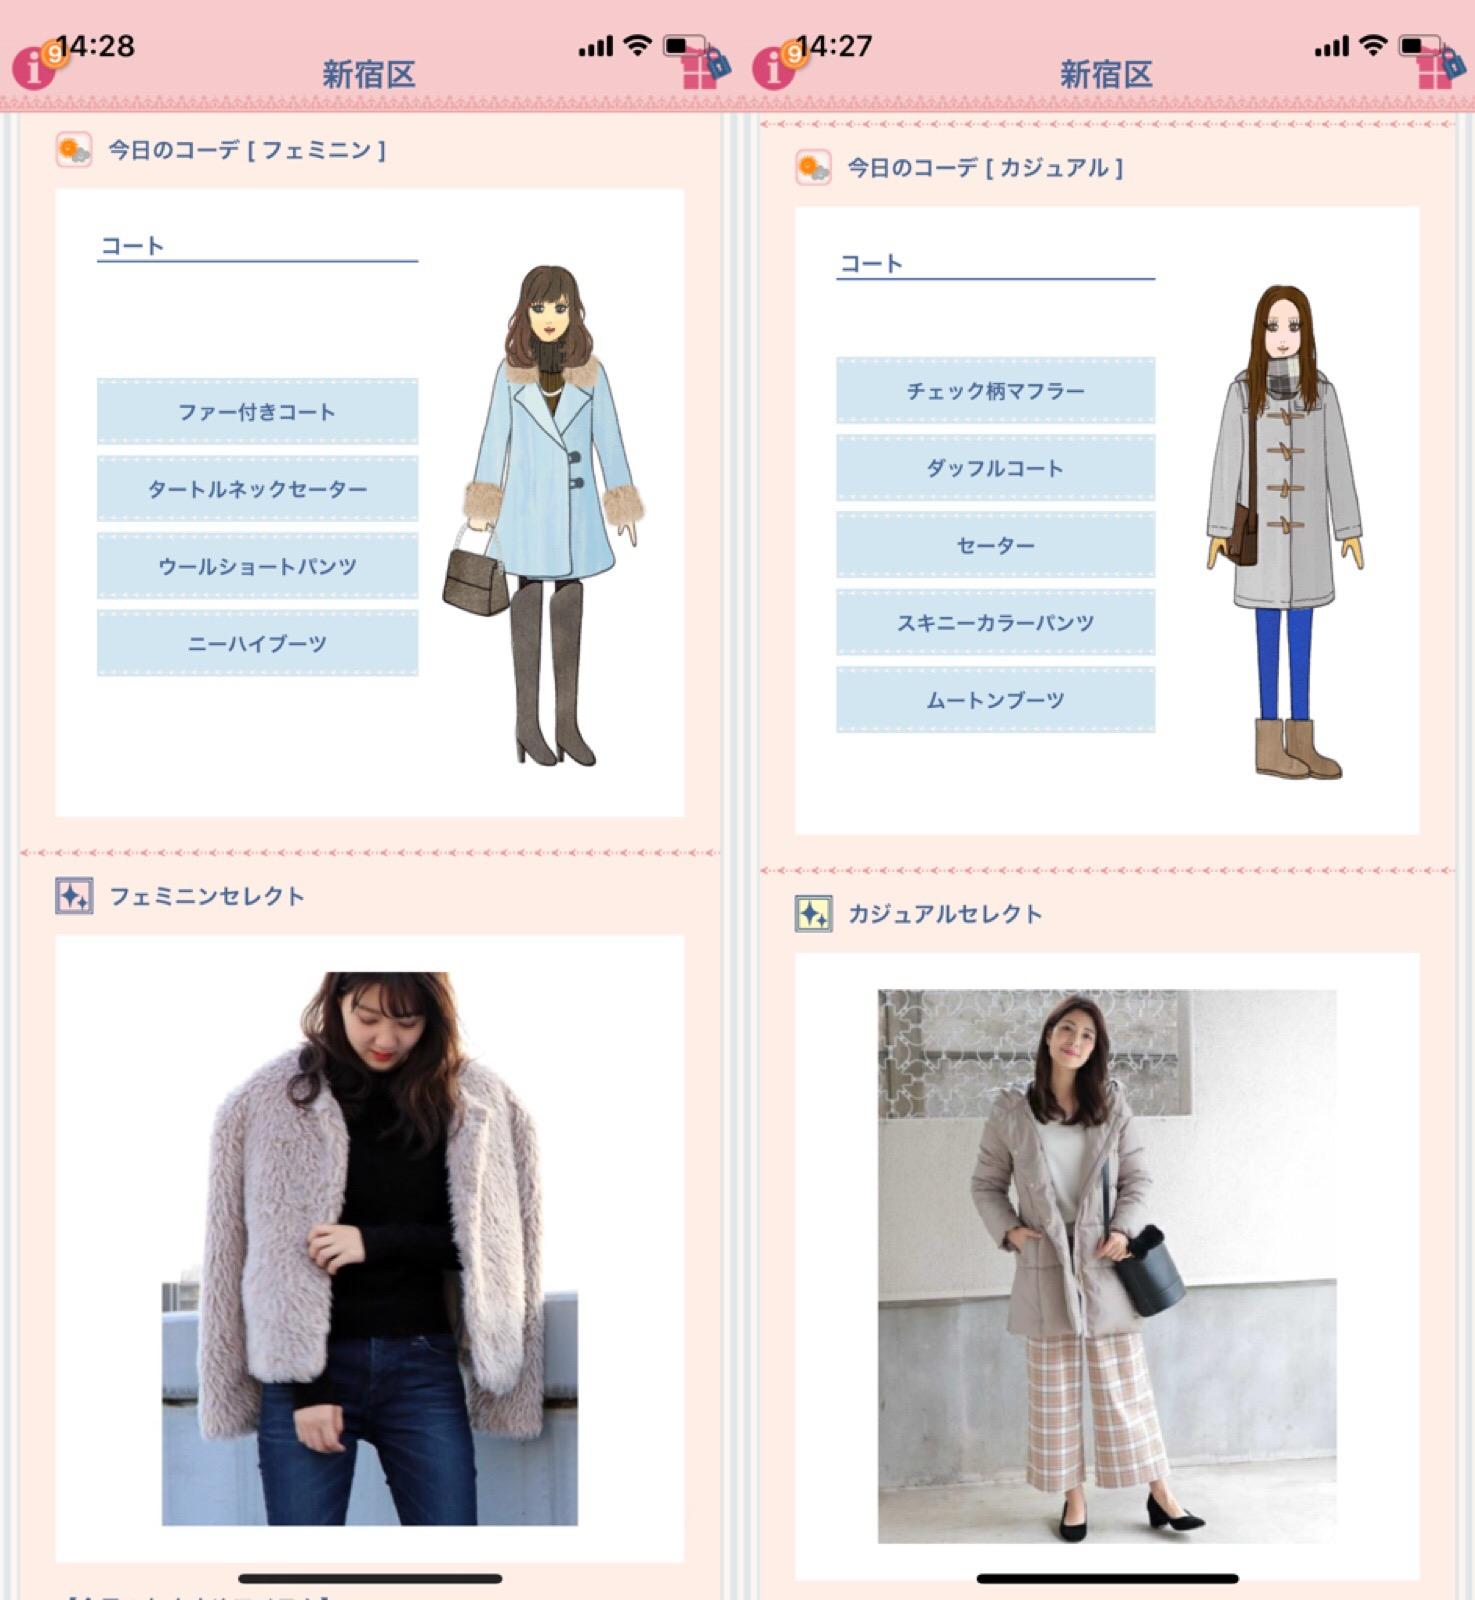 服の系統ごとに、天候に合ったコーディネートを紹介してくれる「おしゃれ天気」(カジュアル・フェミニン)